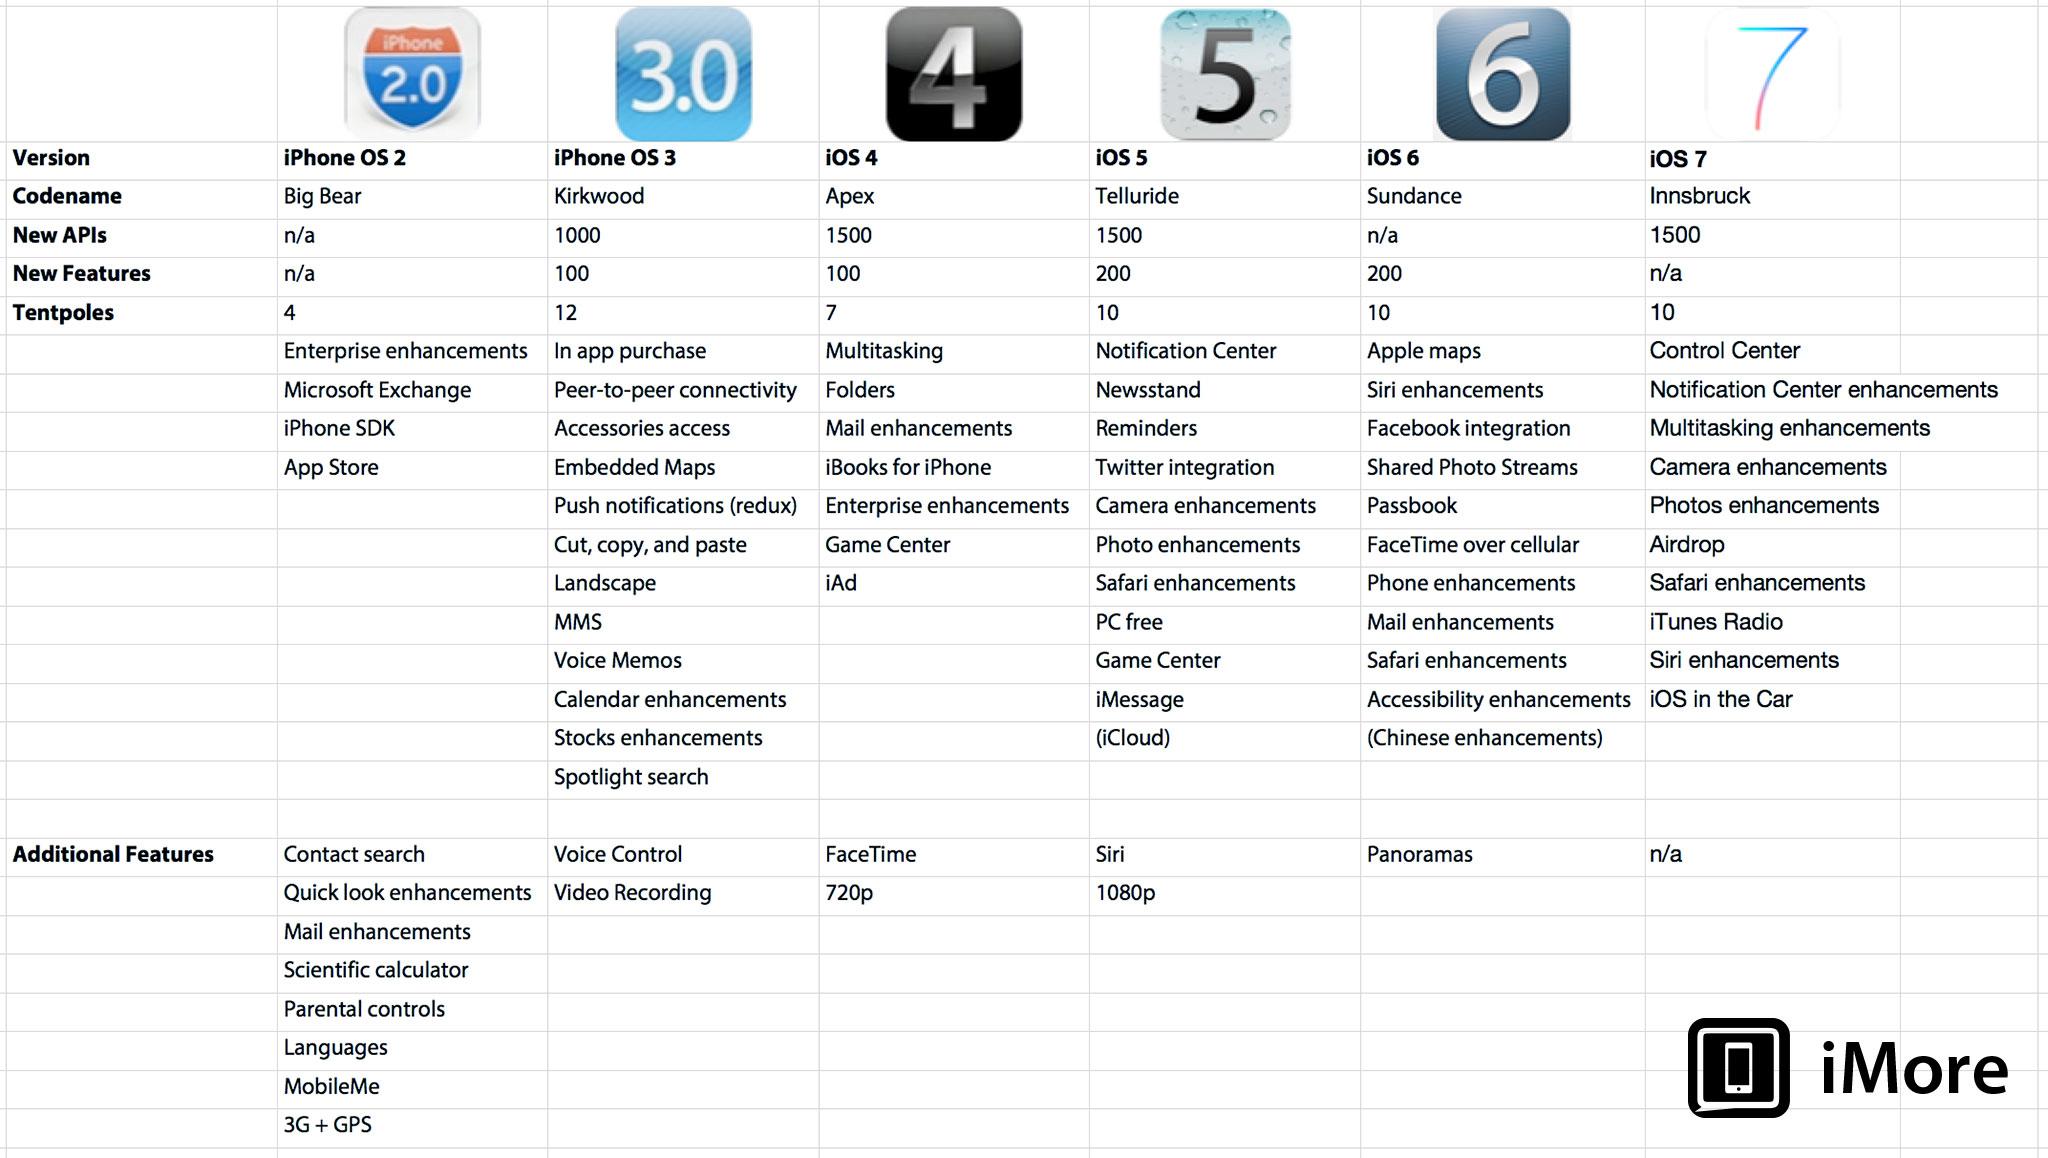 vergelijk iOS 7